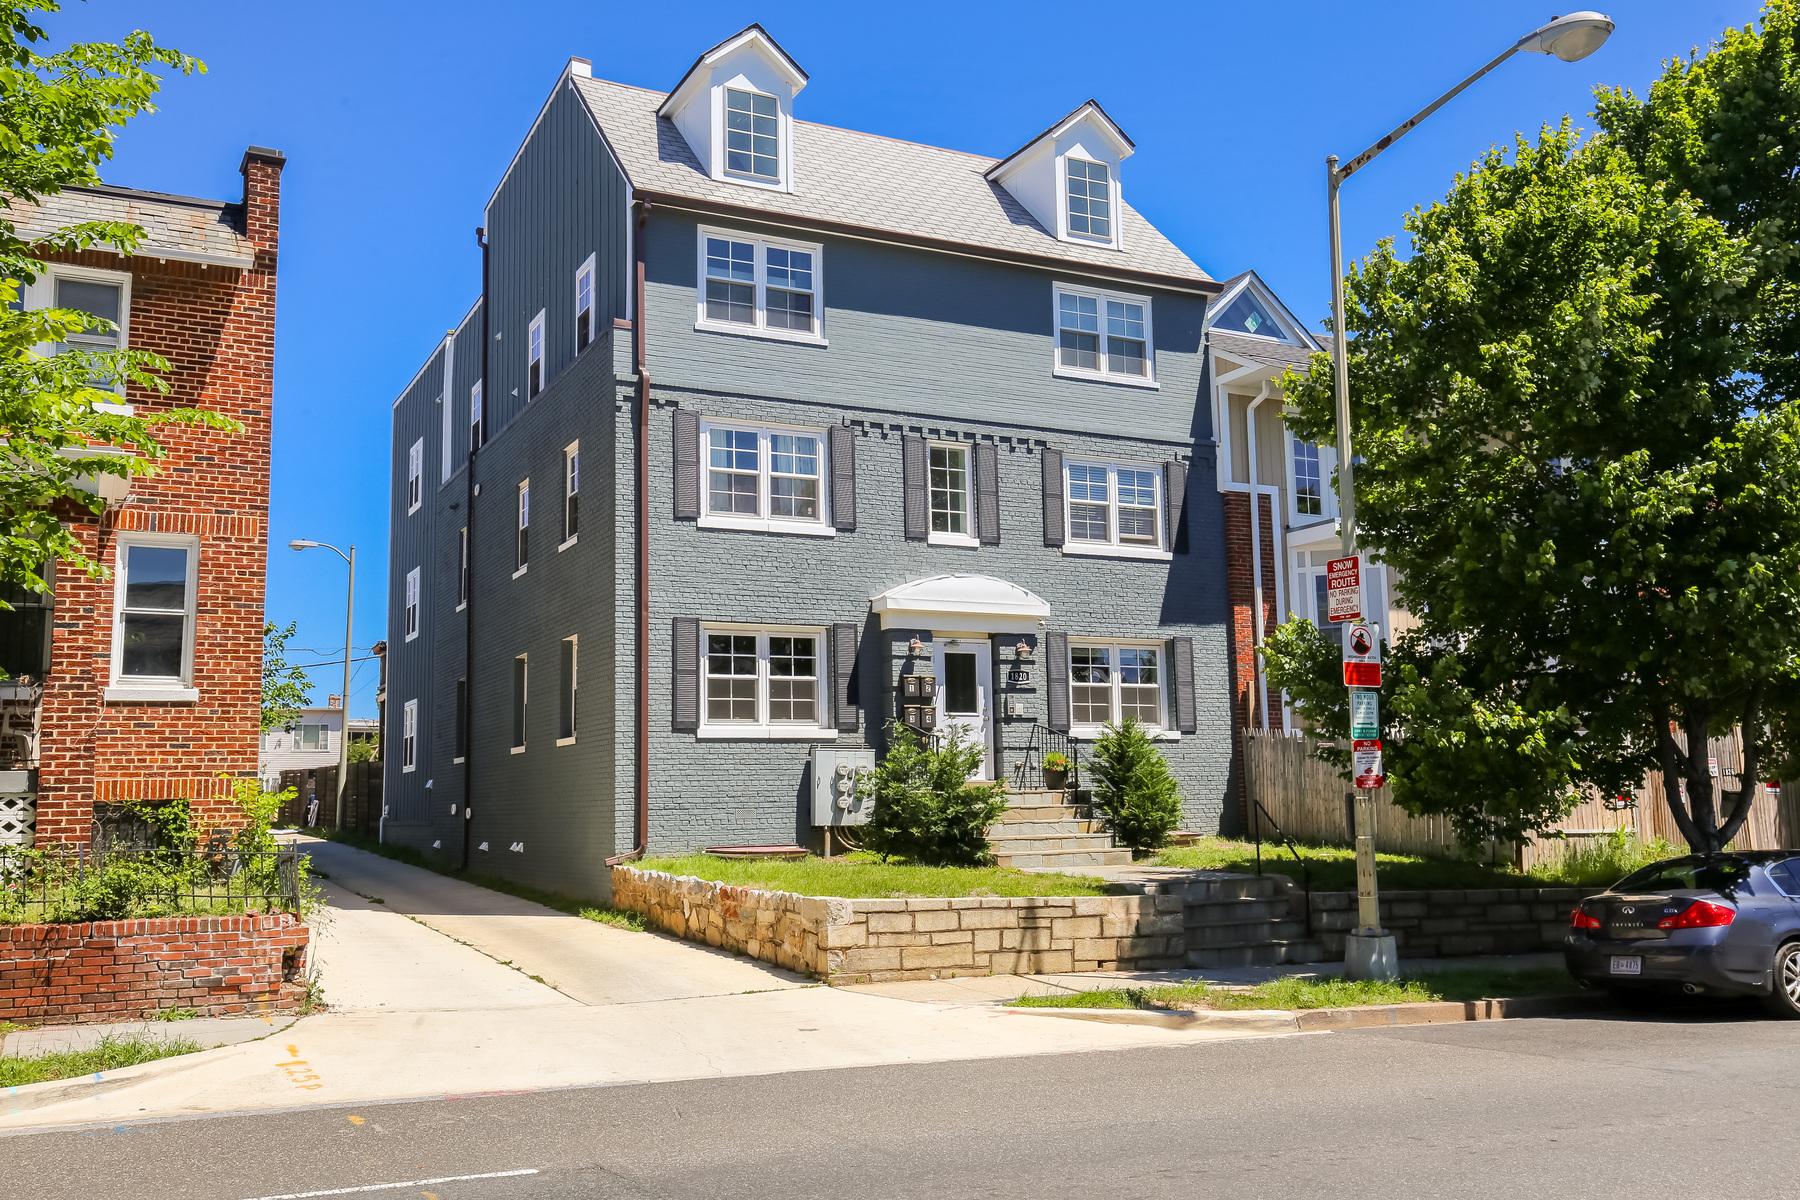 共管式独立产权公寓 为 销售 在 1820 Independence Avenue Se 2, Washington 华盛顿市, 哥伦比亚特区, 20003 美国